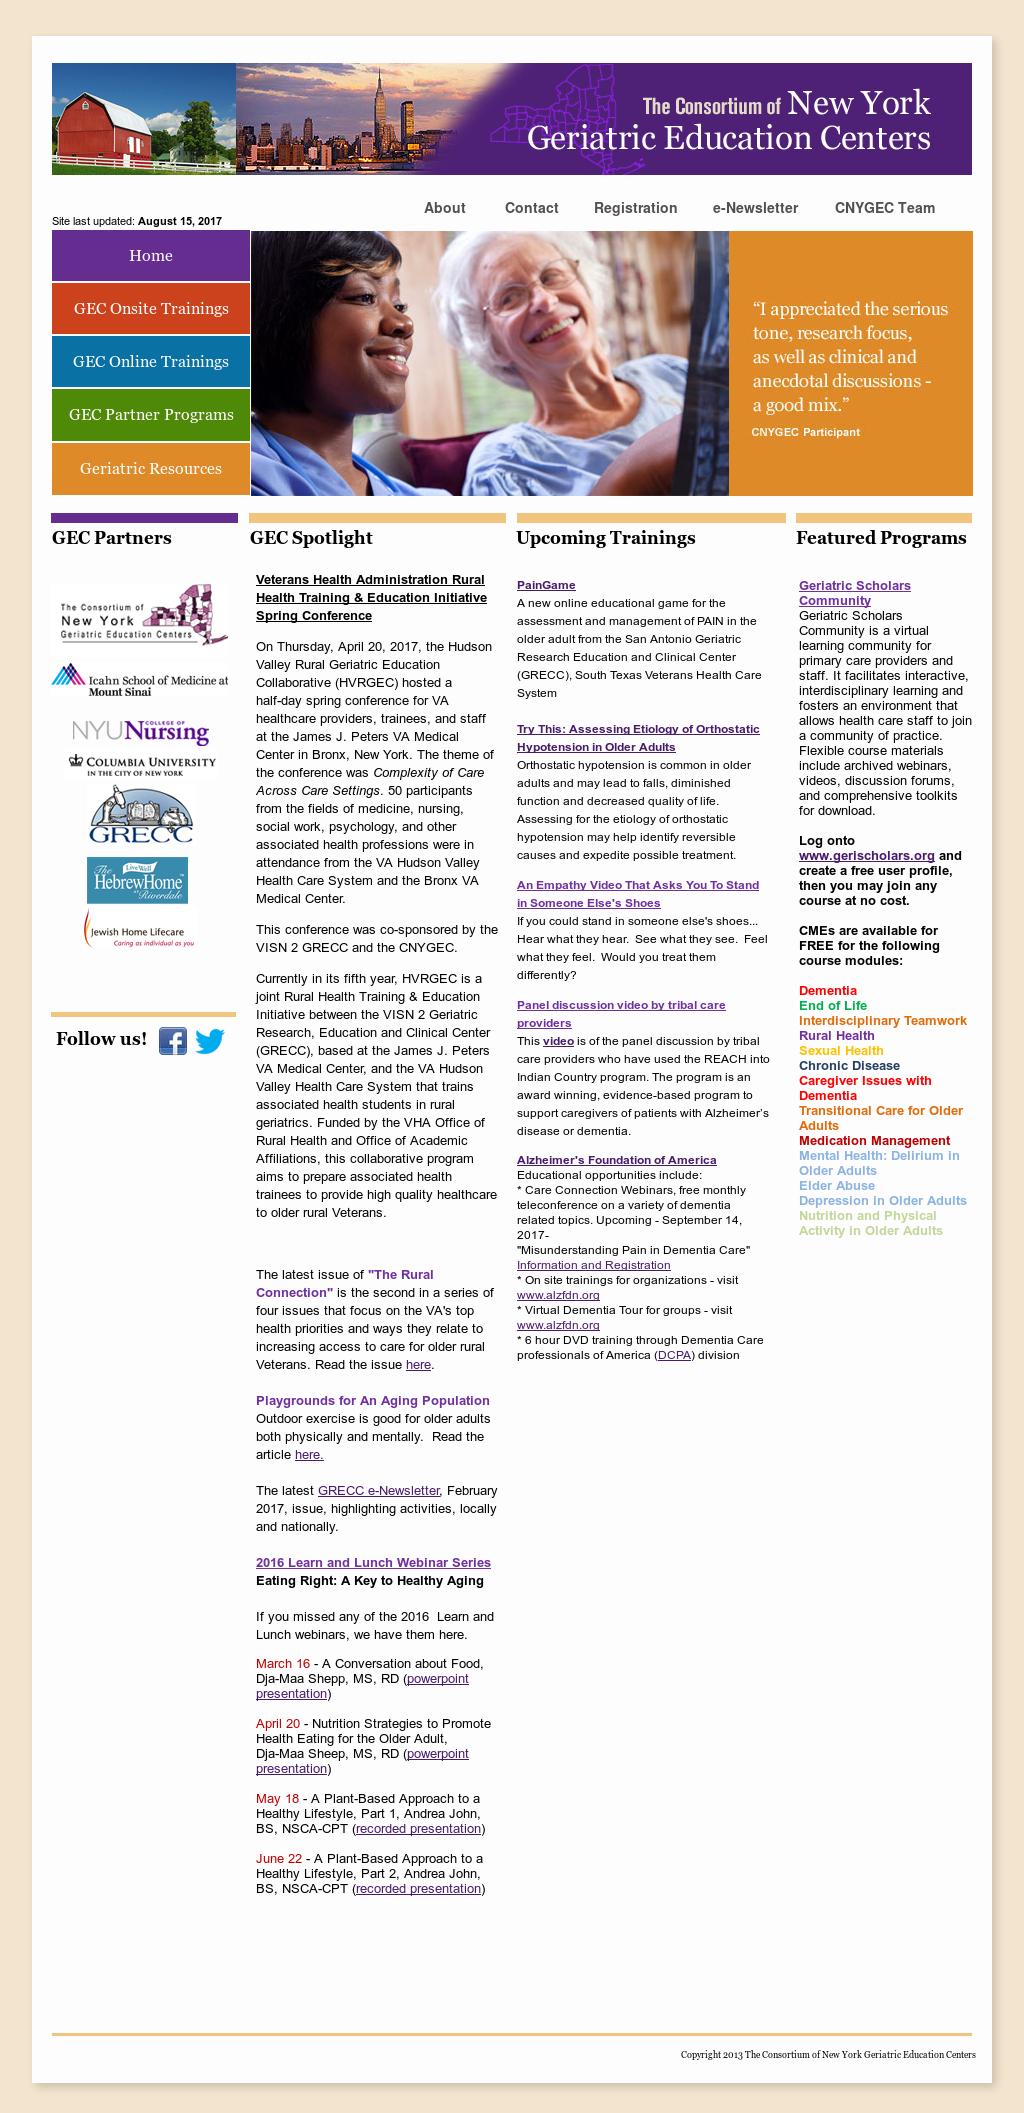 the consortium of new york geriatric education centers competitors